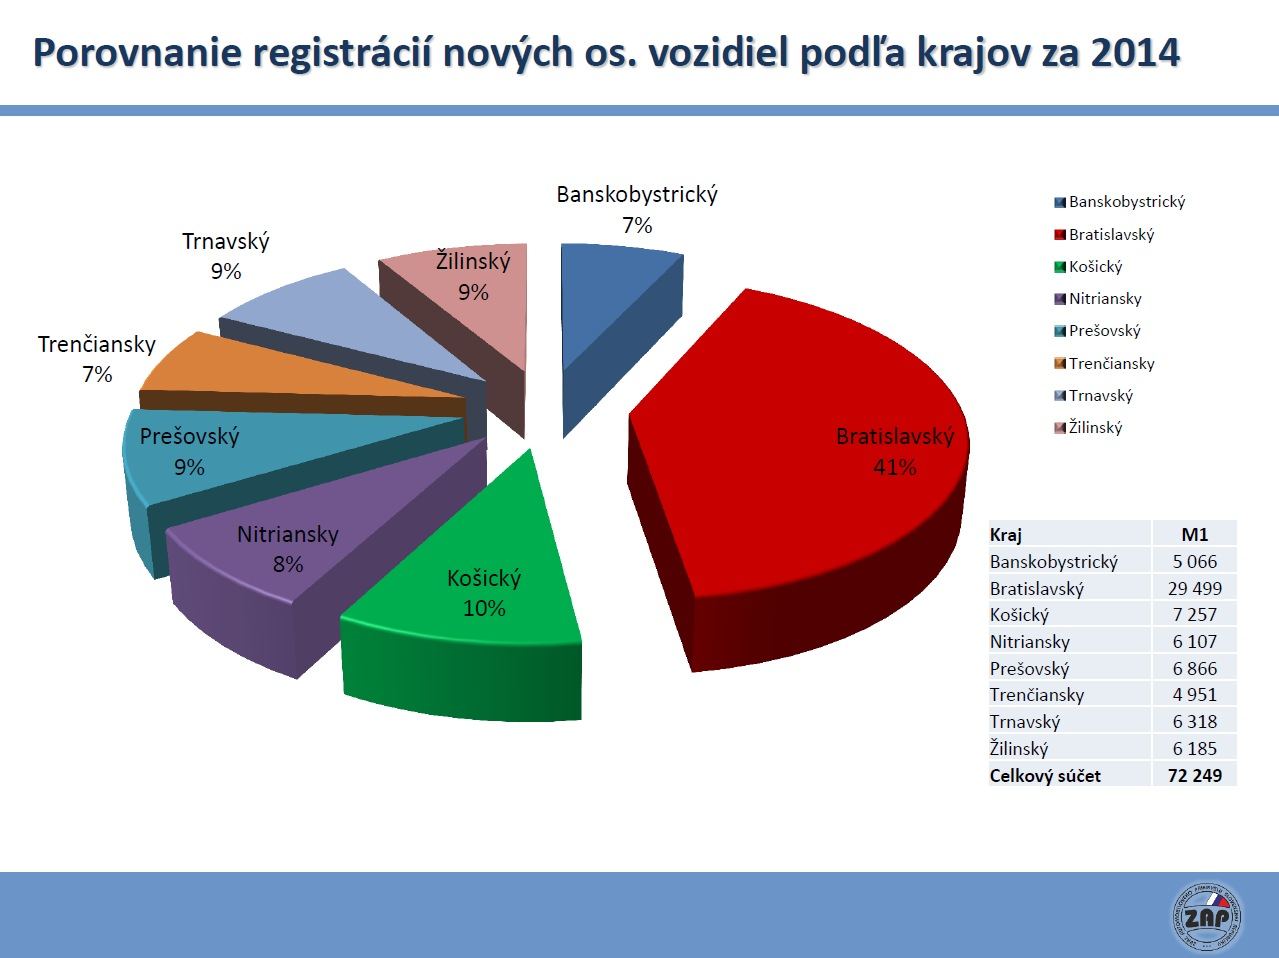 zap-sr registracie novych vozidiel v r2014